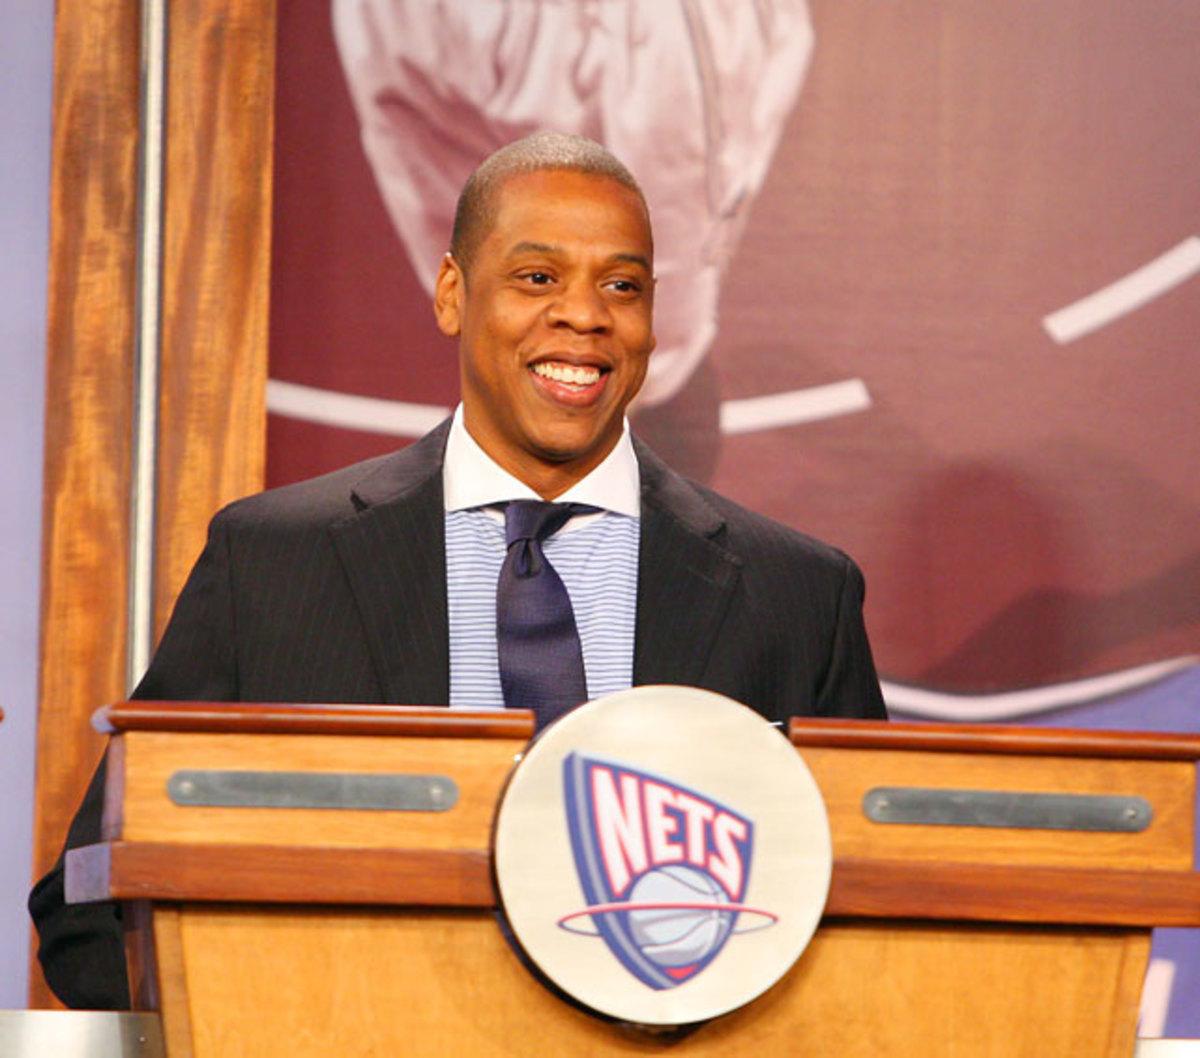 Jay-Z | New Jersey Nets